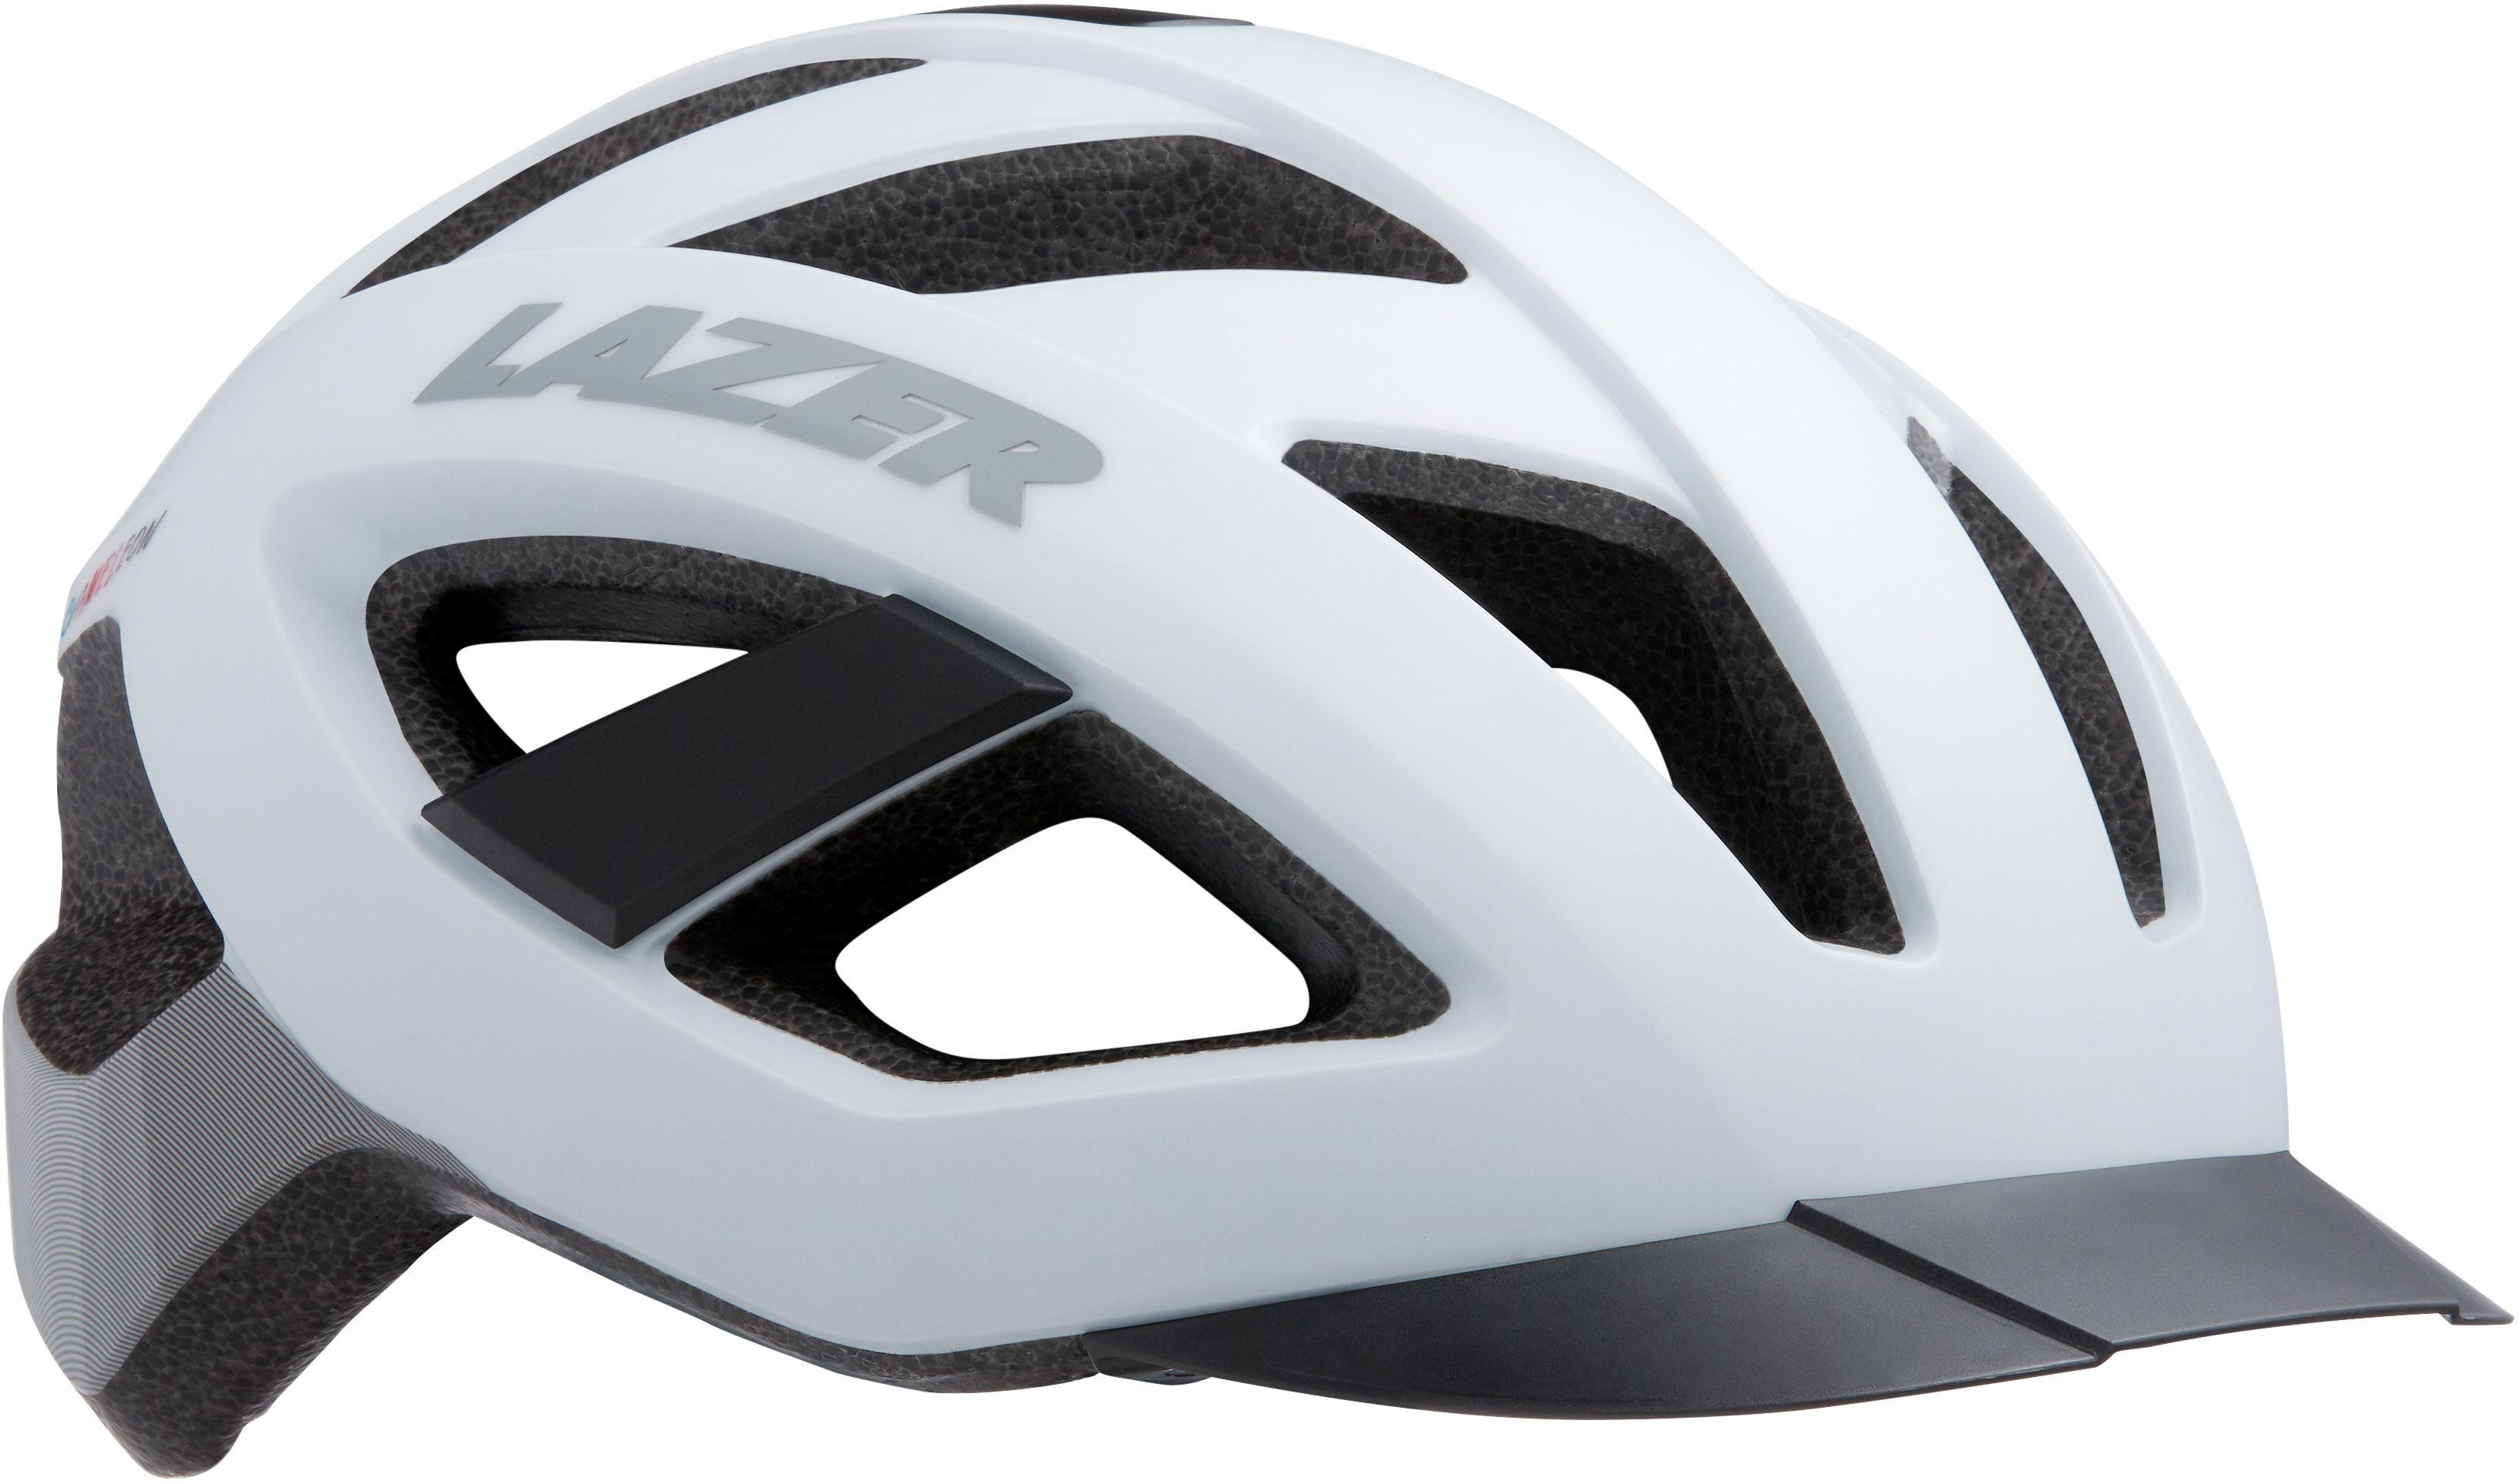 LAZER uniwersalny kask rowerowy cameleon ce-cpsc matte white BLC2207888038 Rozmiar: 58-61,lazer-camel-whit